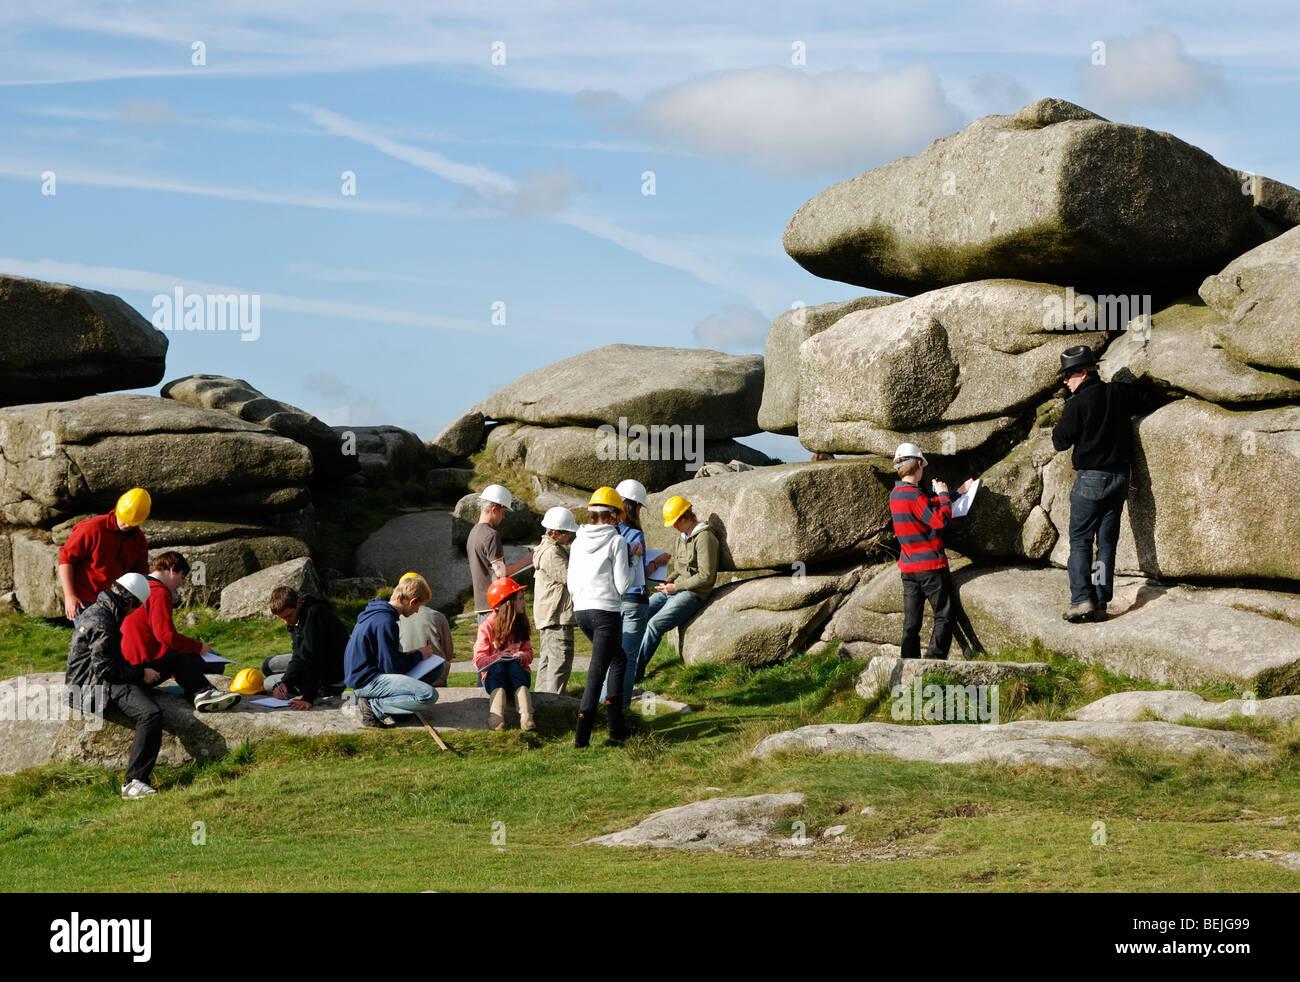 Los estudiantes en un viaje de campo de geología en el carn brea cerca de redruth en Cornualles, Reino Unido Imagen De Stock